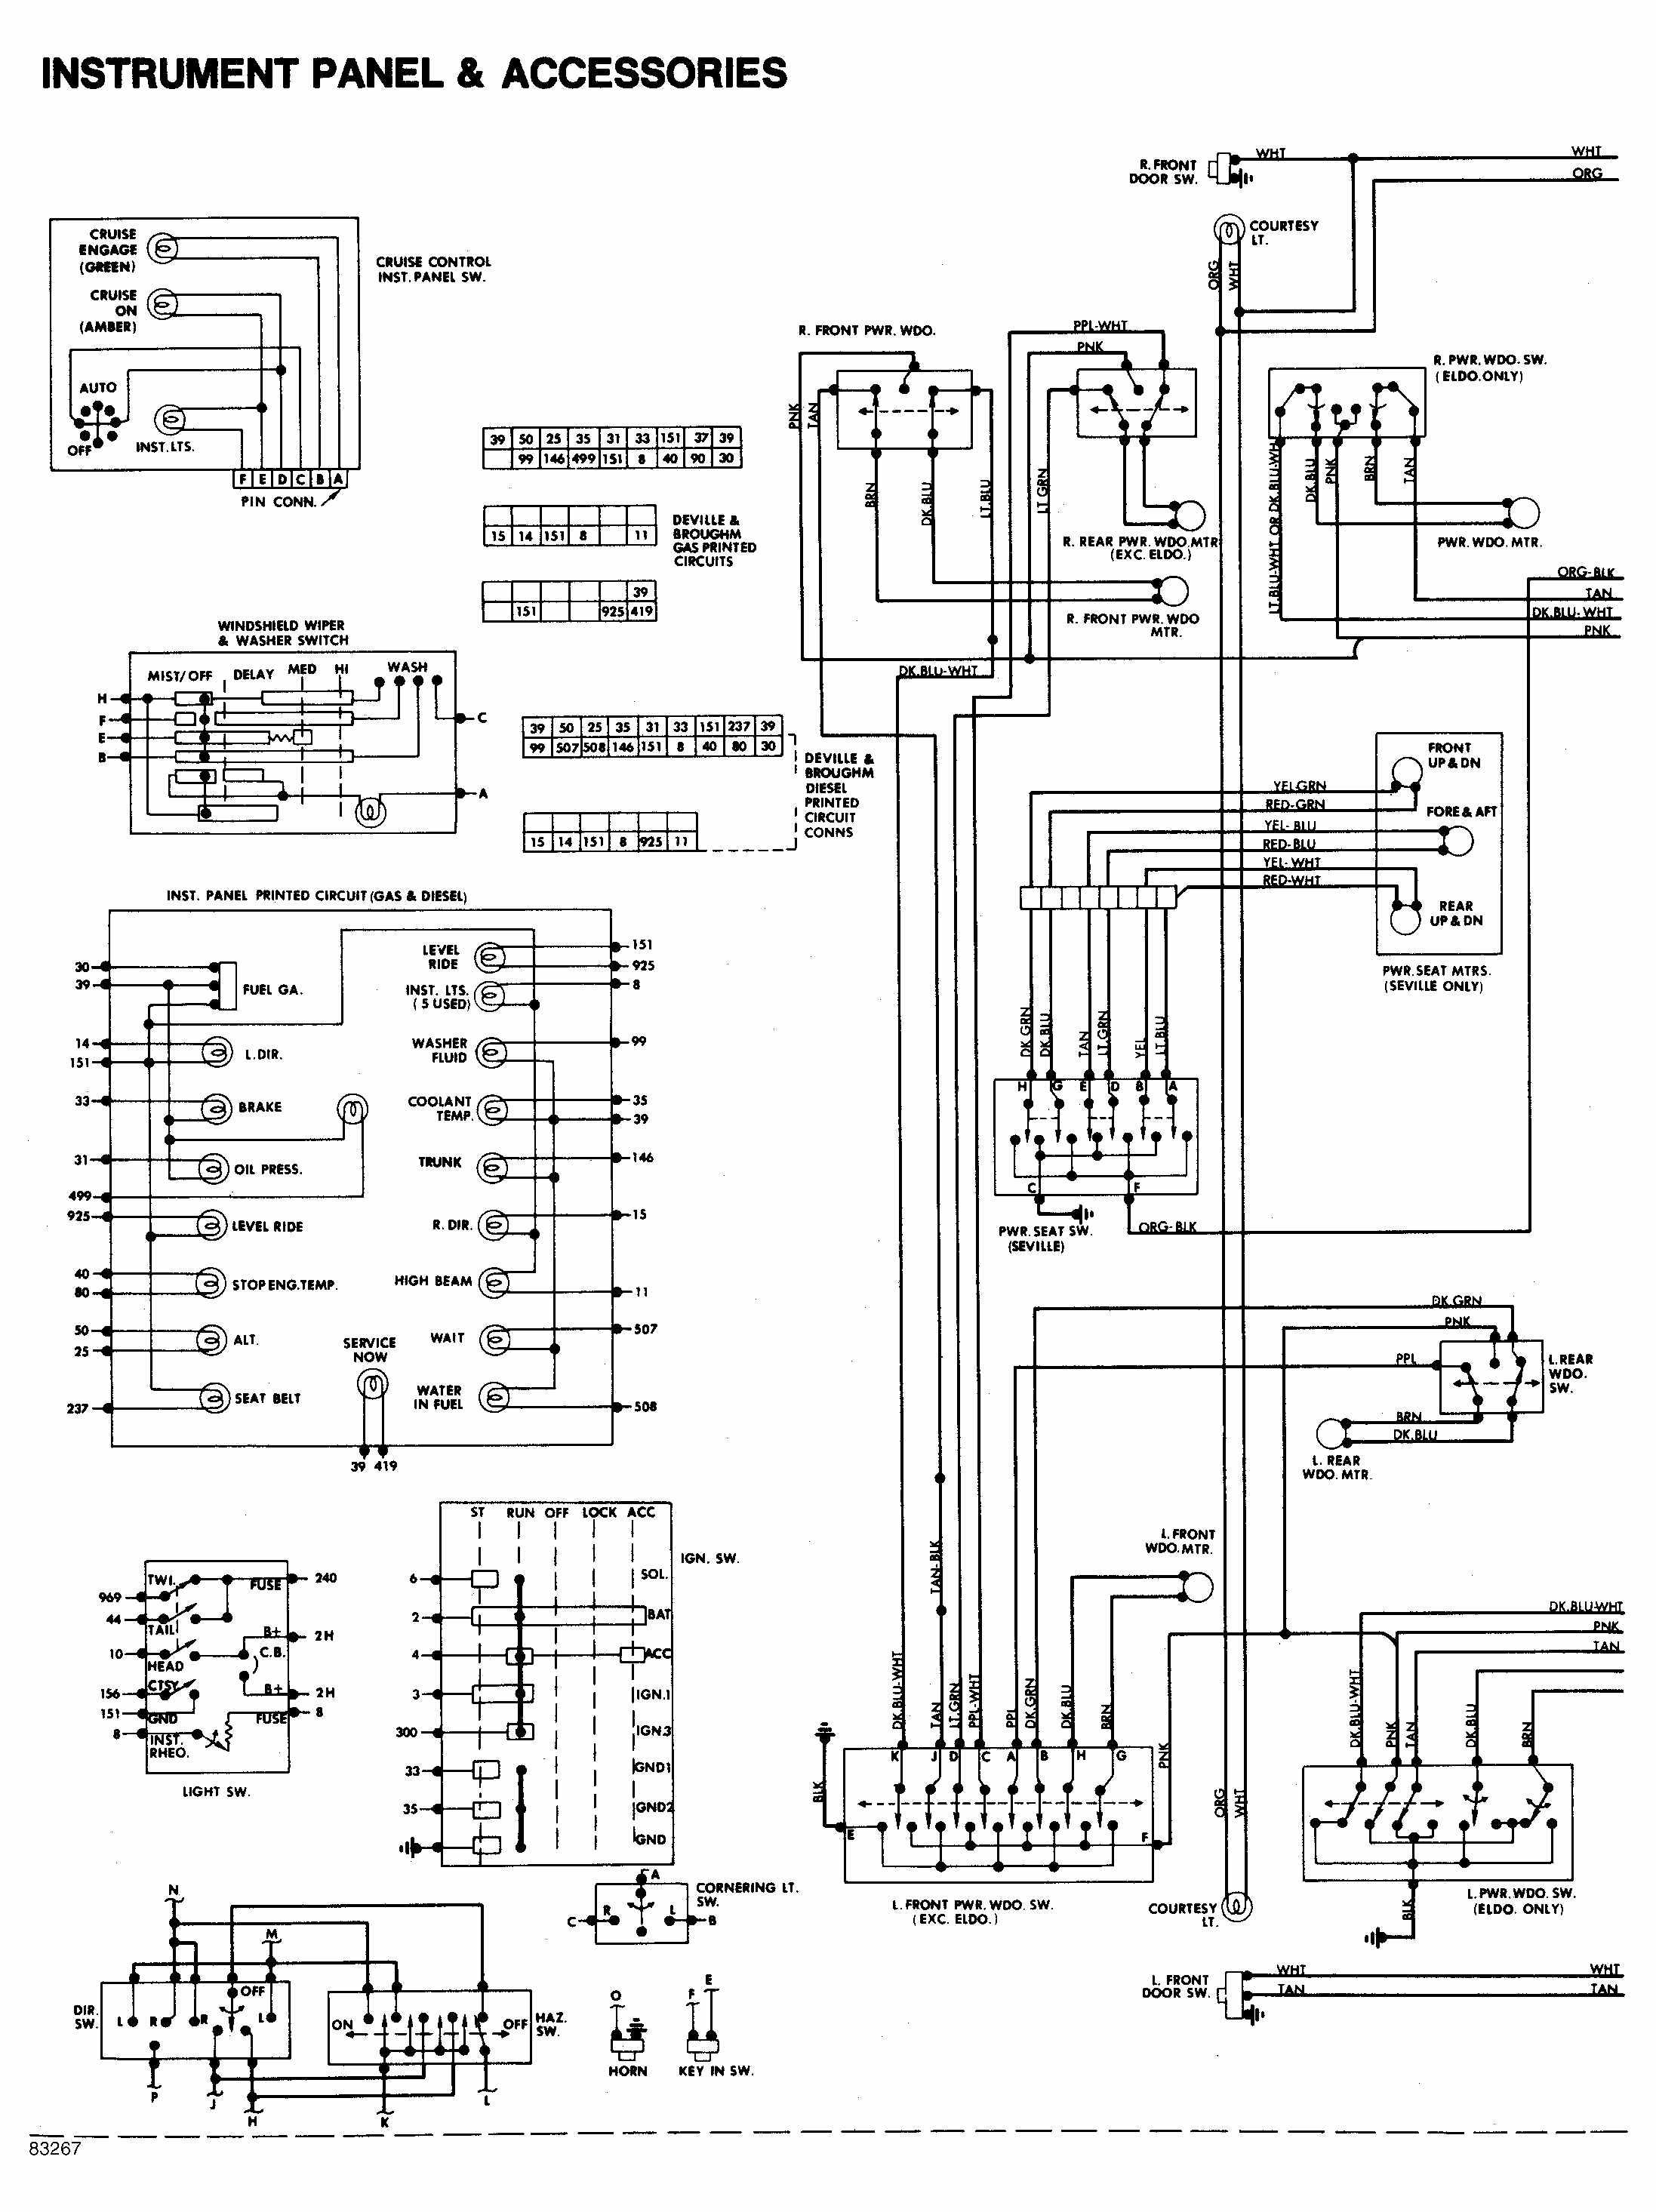 2002 cadillac deville radio wiring diagram Download-2001 cadillac deville alarm wiring diagram wire center u2022 rh inkshirts co 1999 Cadillac DeVille Wiring Diagram Cadillac DeVille Wiring Diagram 20-a